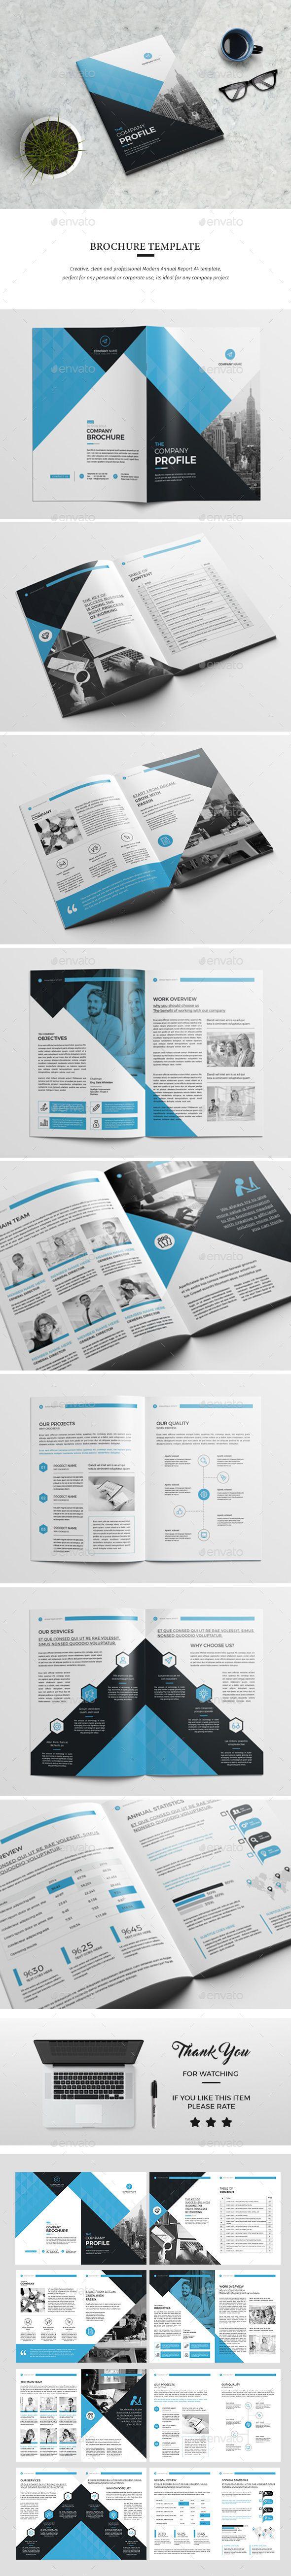 Company Profile | Diseño editorial, Editorial y Revistas